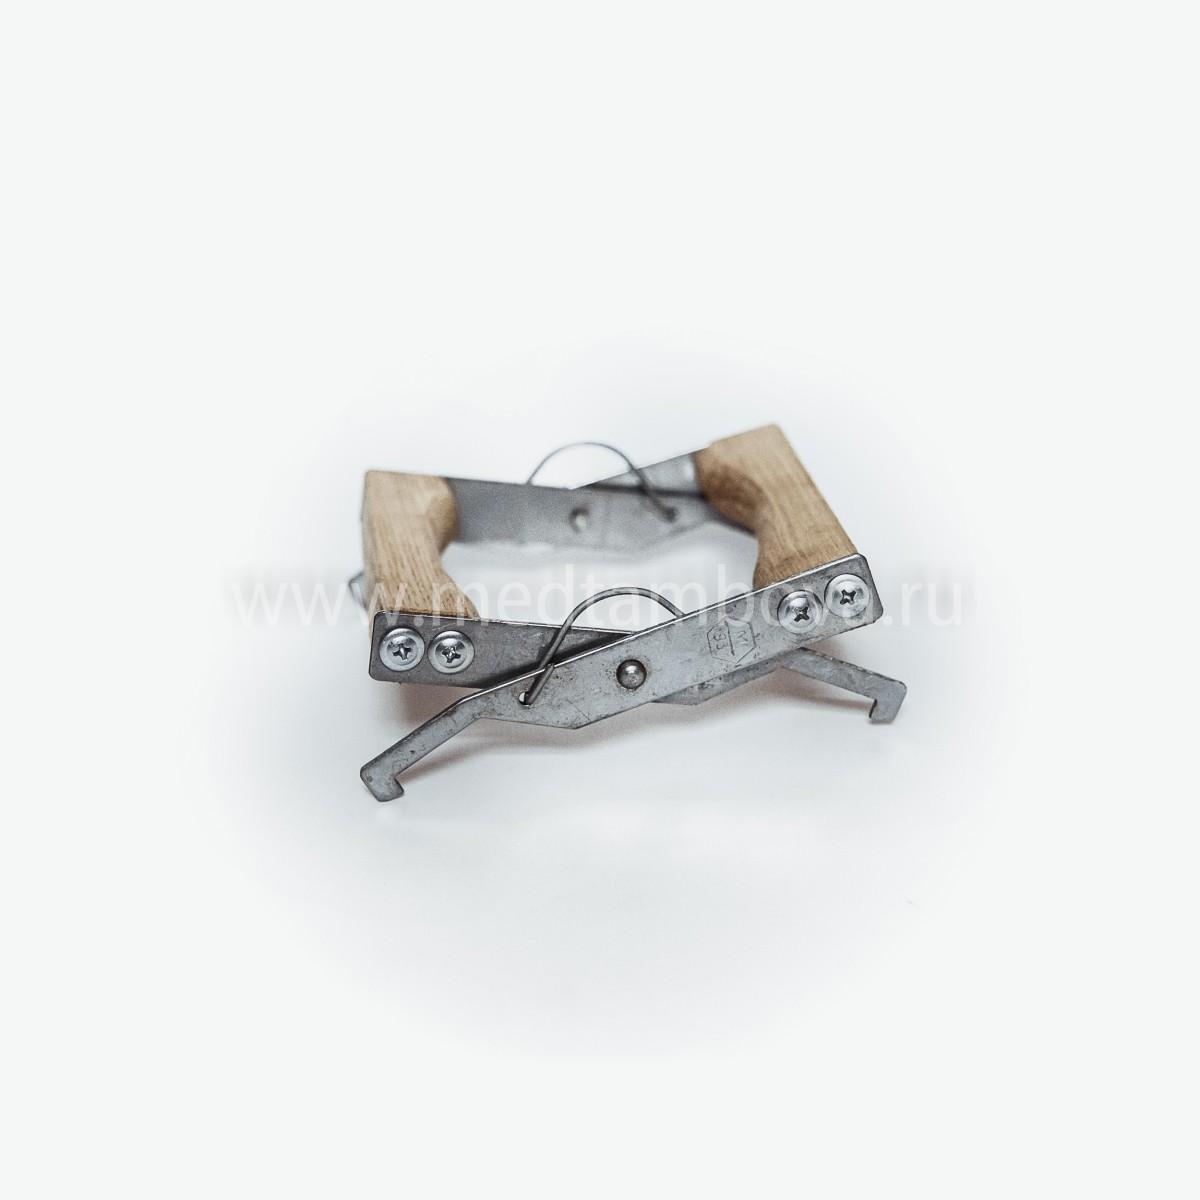 Захват для рамок из нержавейки с деревянной ручкой